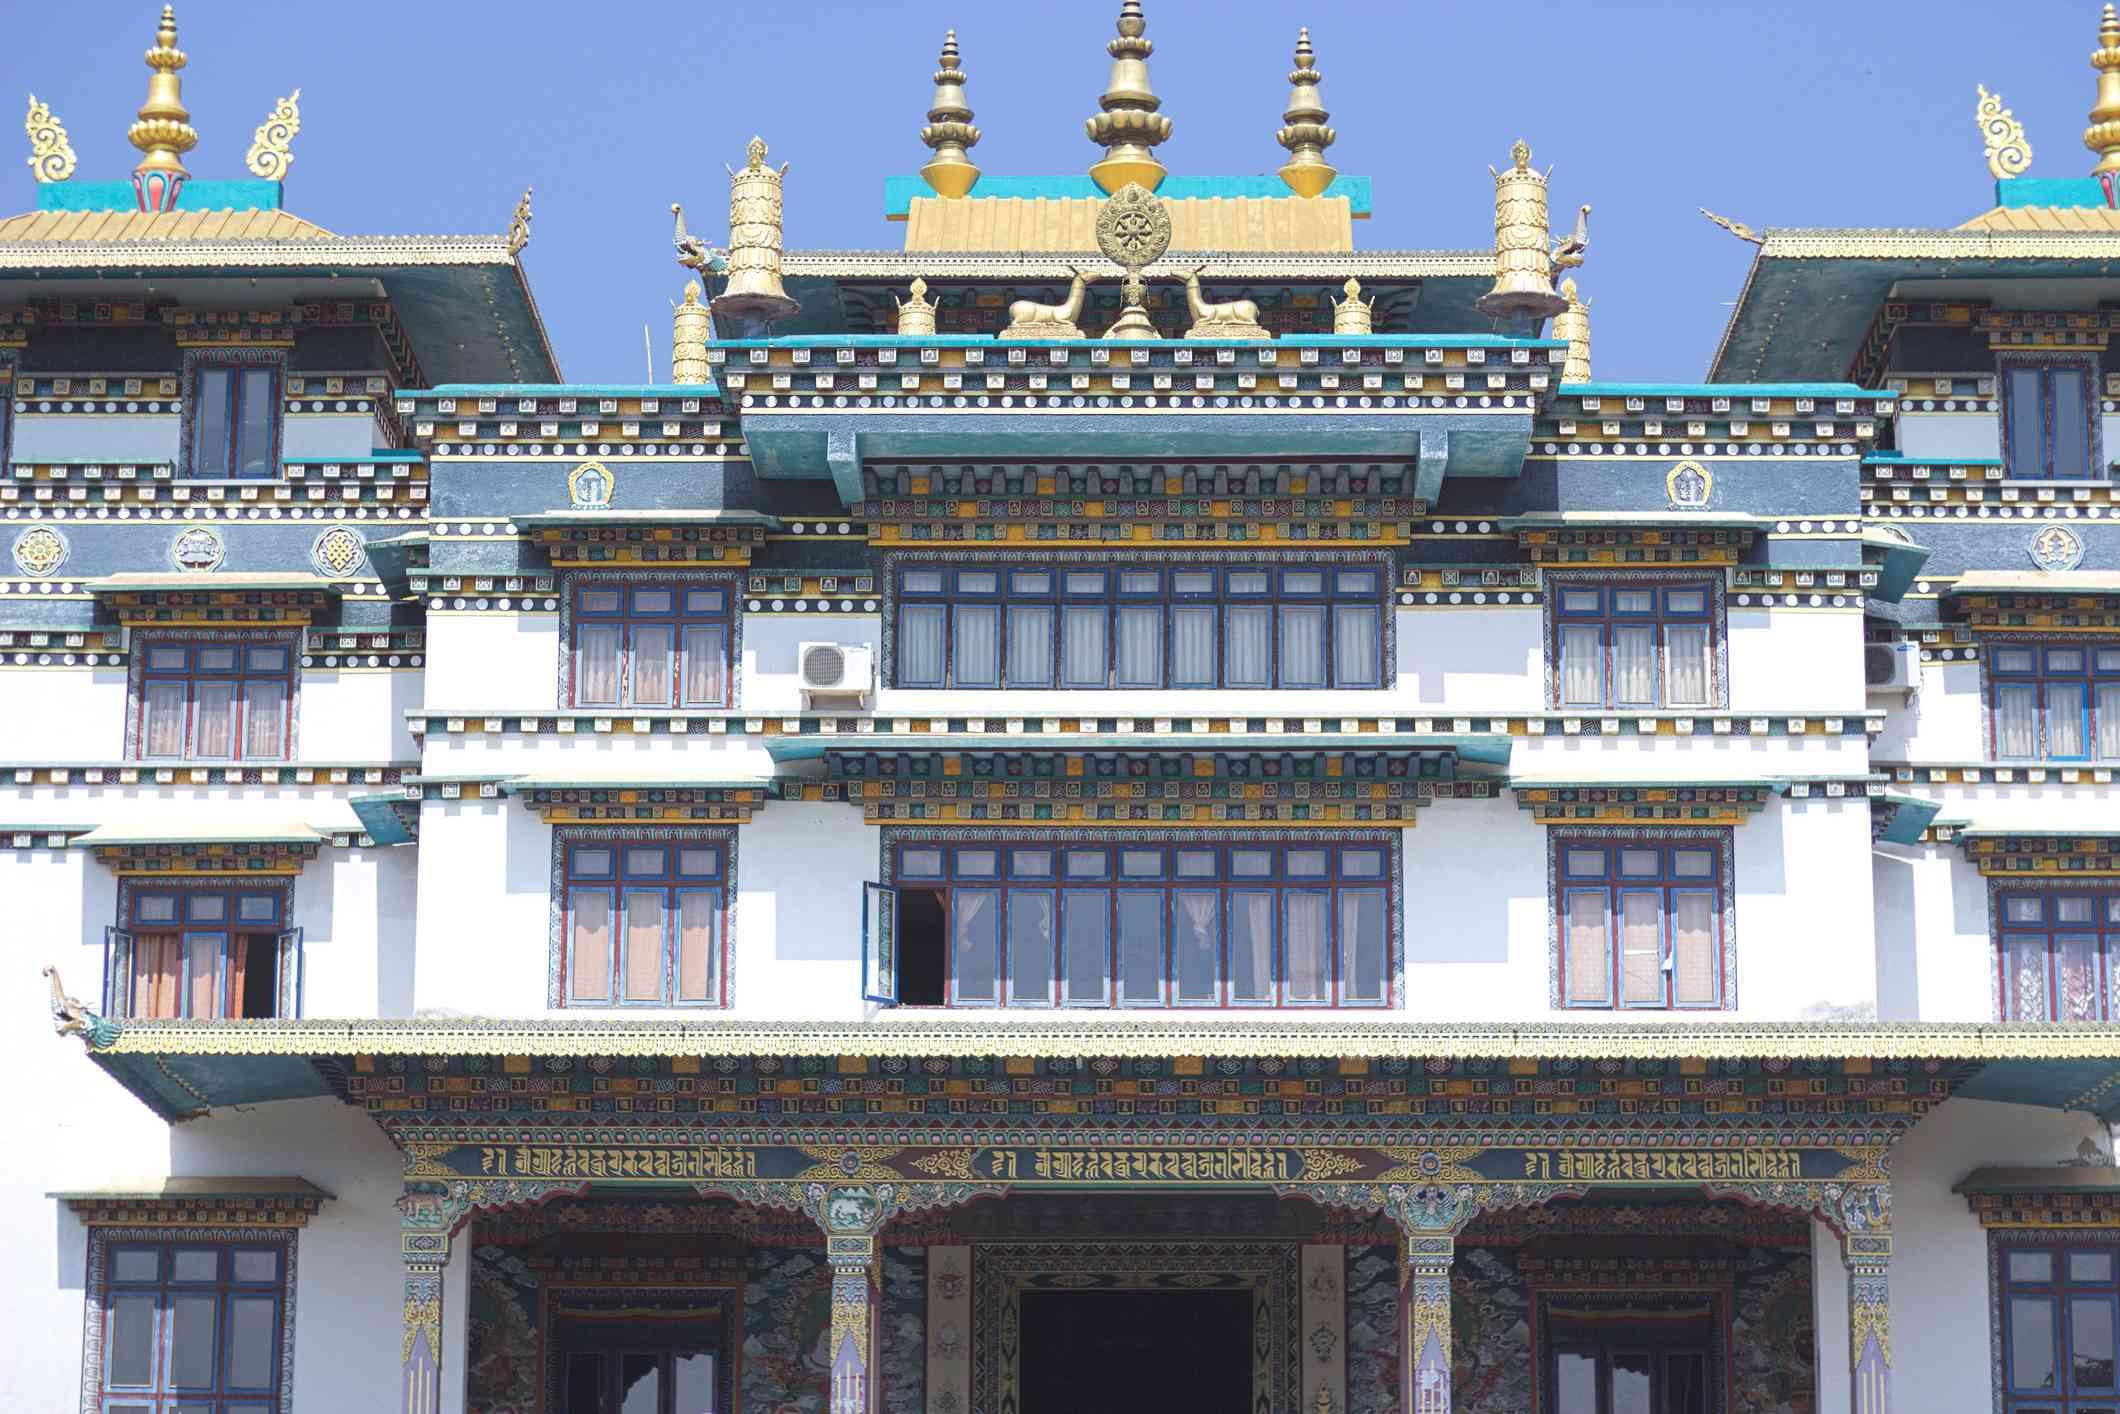 Padmasambhava Mahavihara Monastery also known as Jirang Monastery is located in Odisha, India.